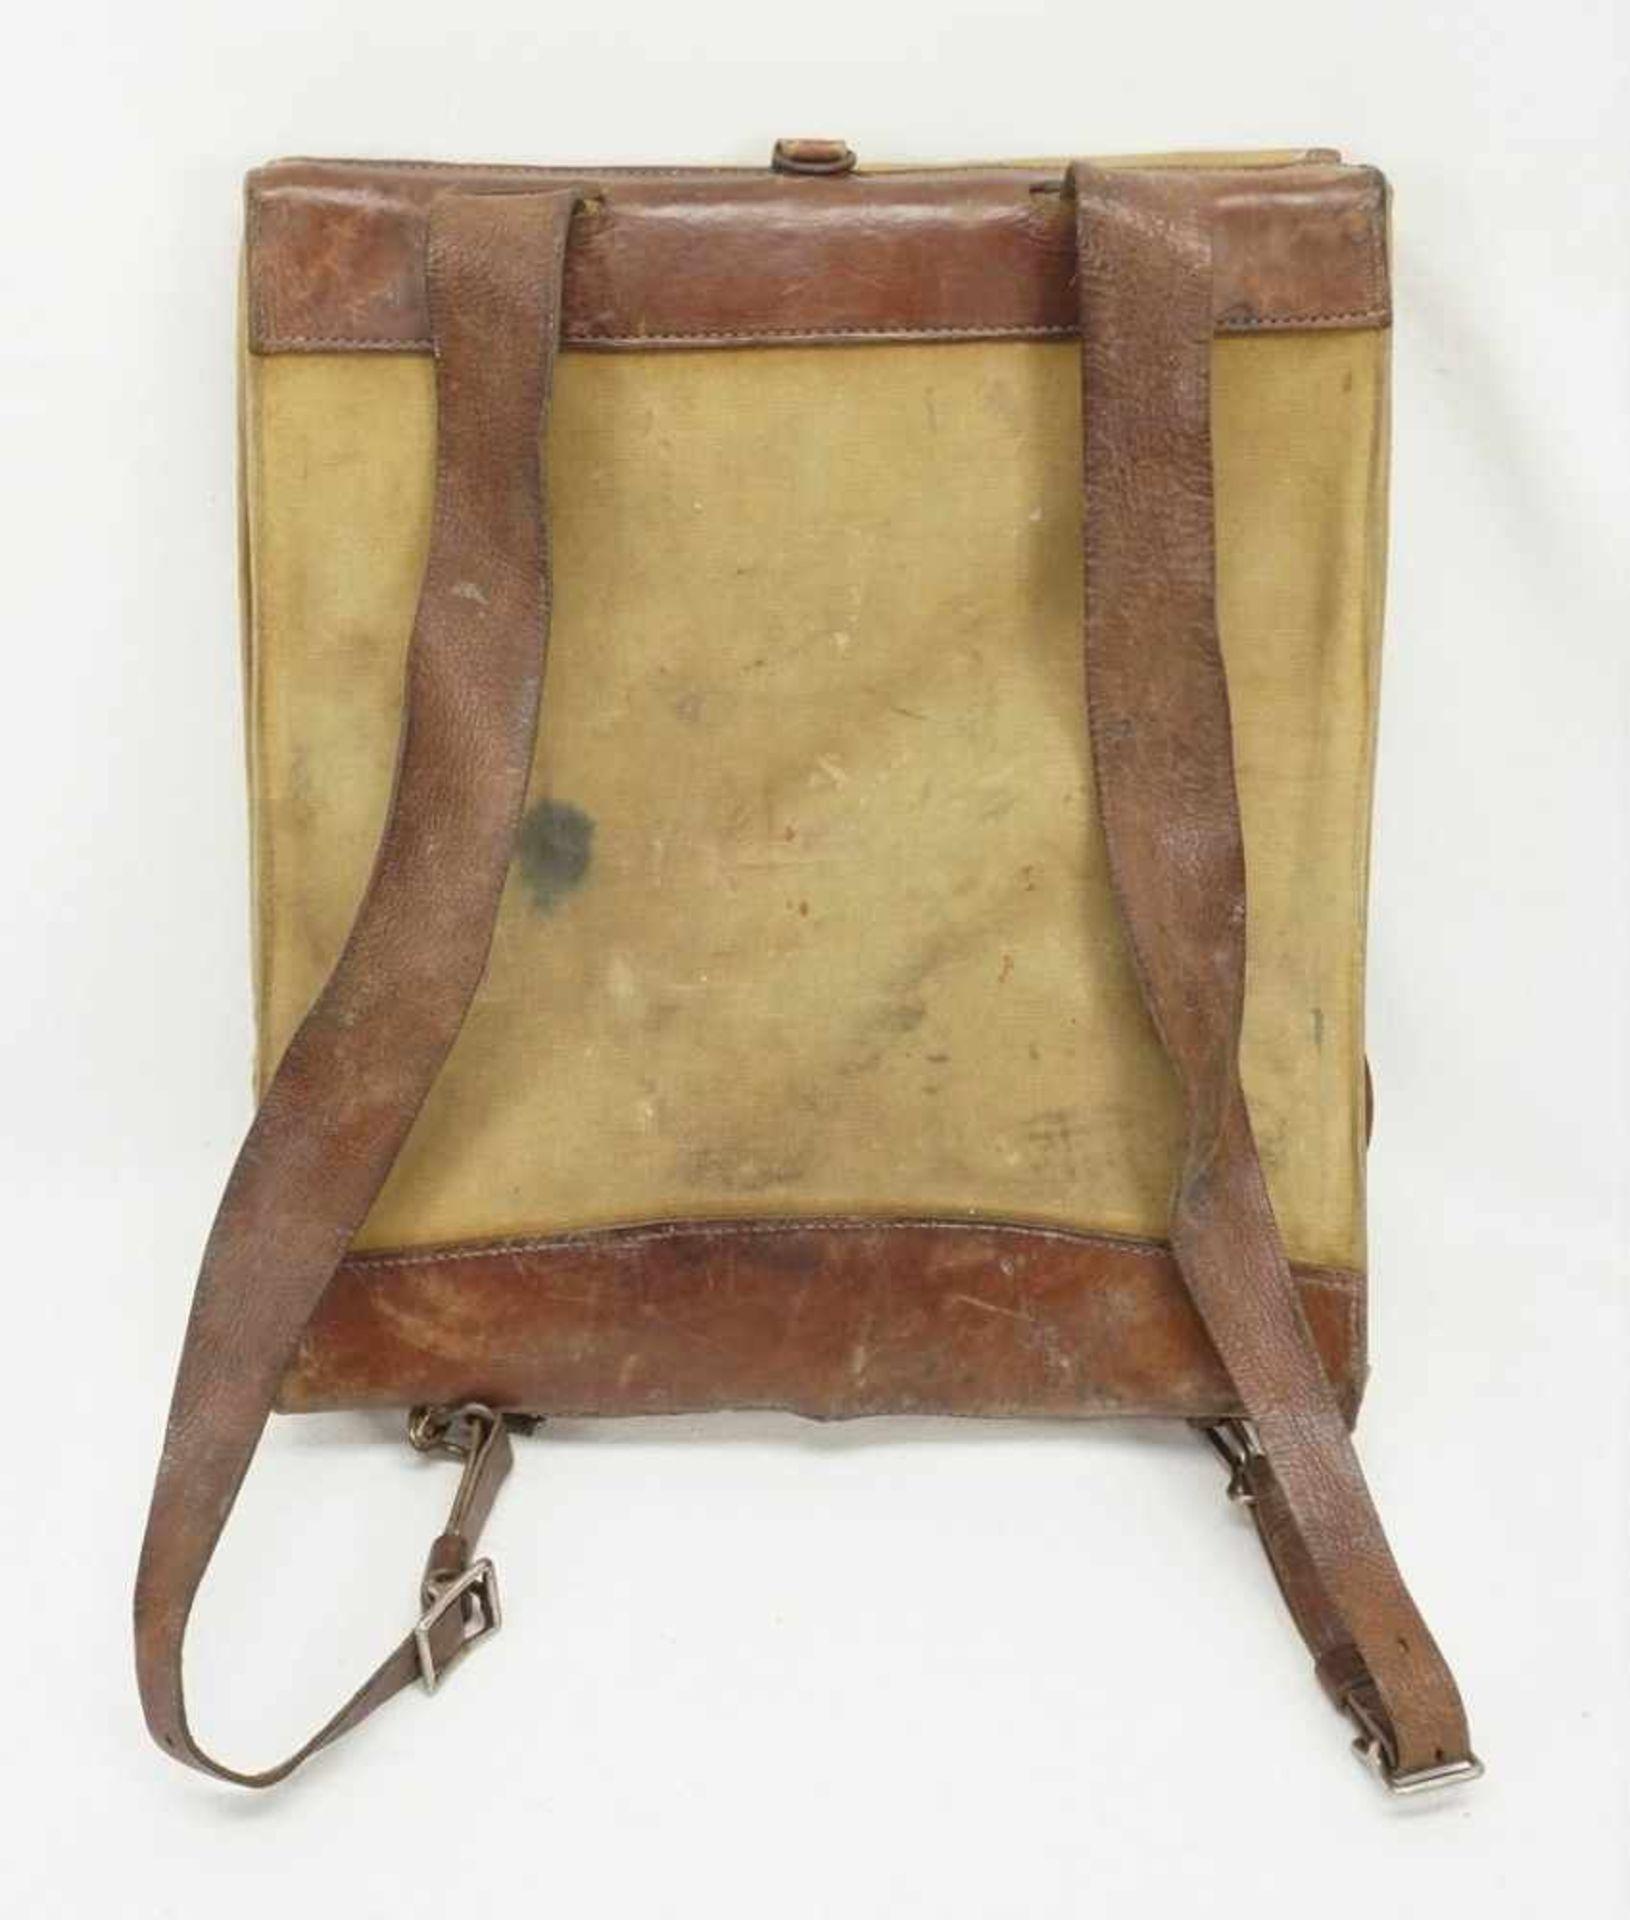 Affe und Rucksack mit Inhalt - Bild 2 aus 4